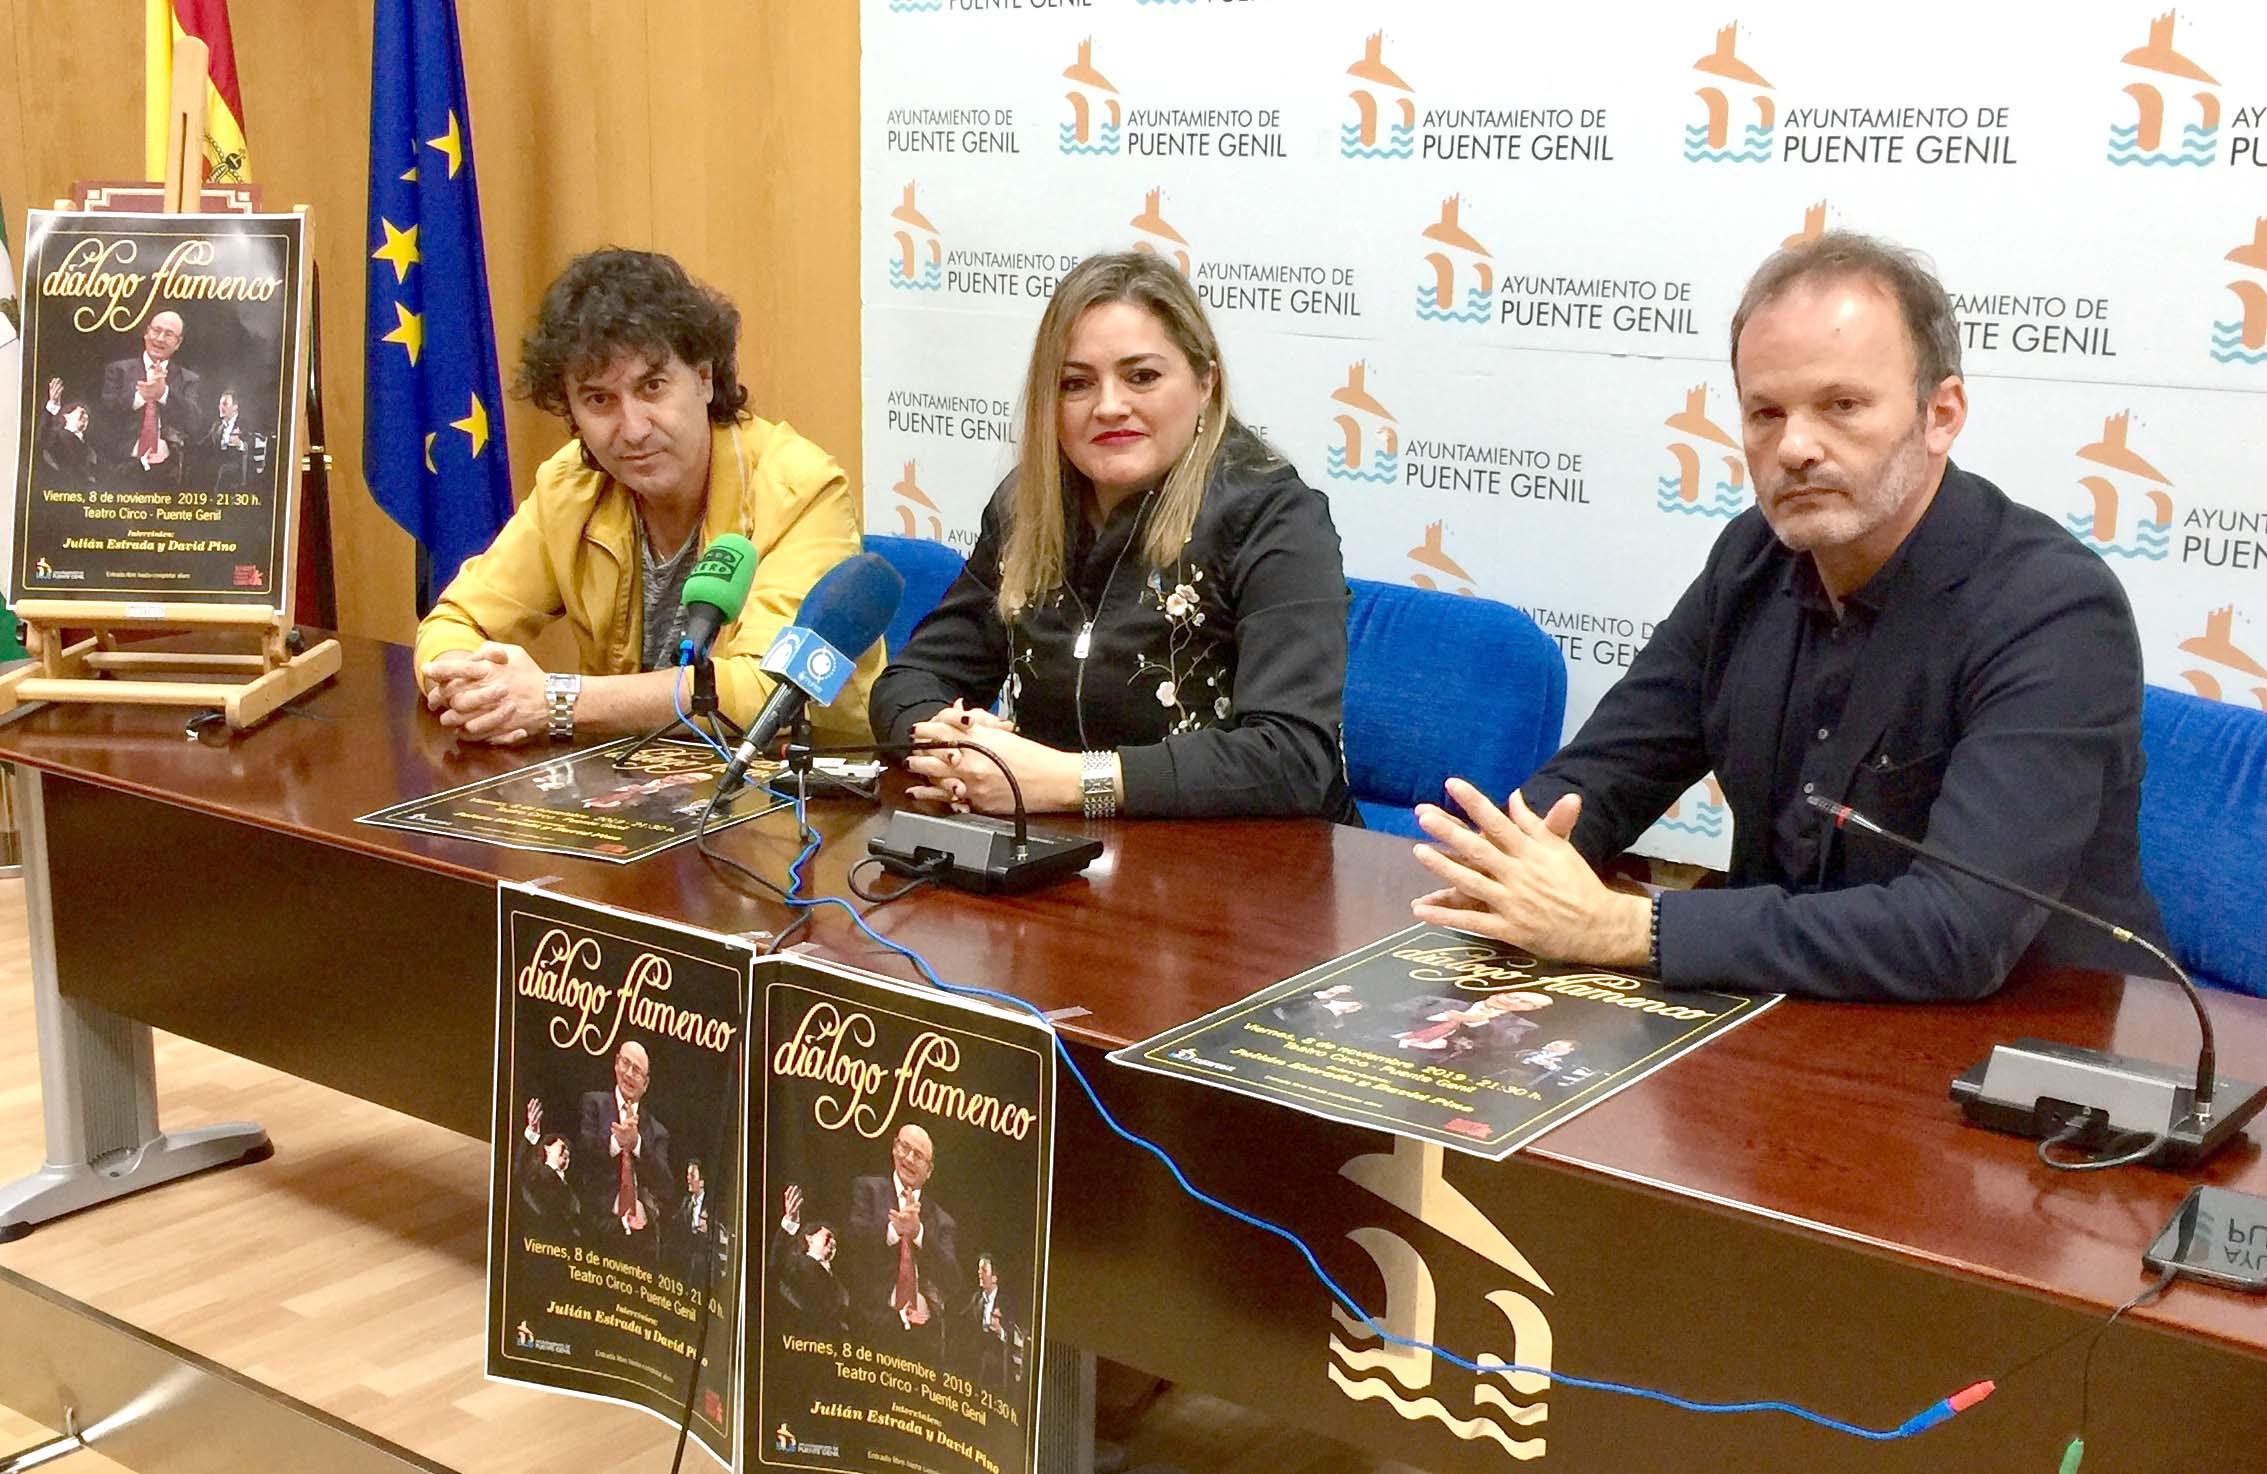 Presentación de diálogo flamenco